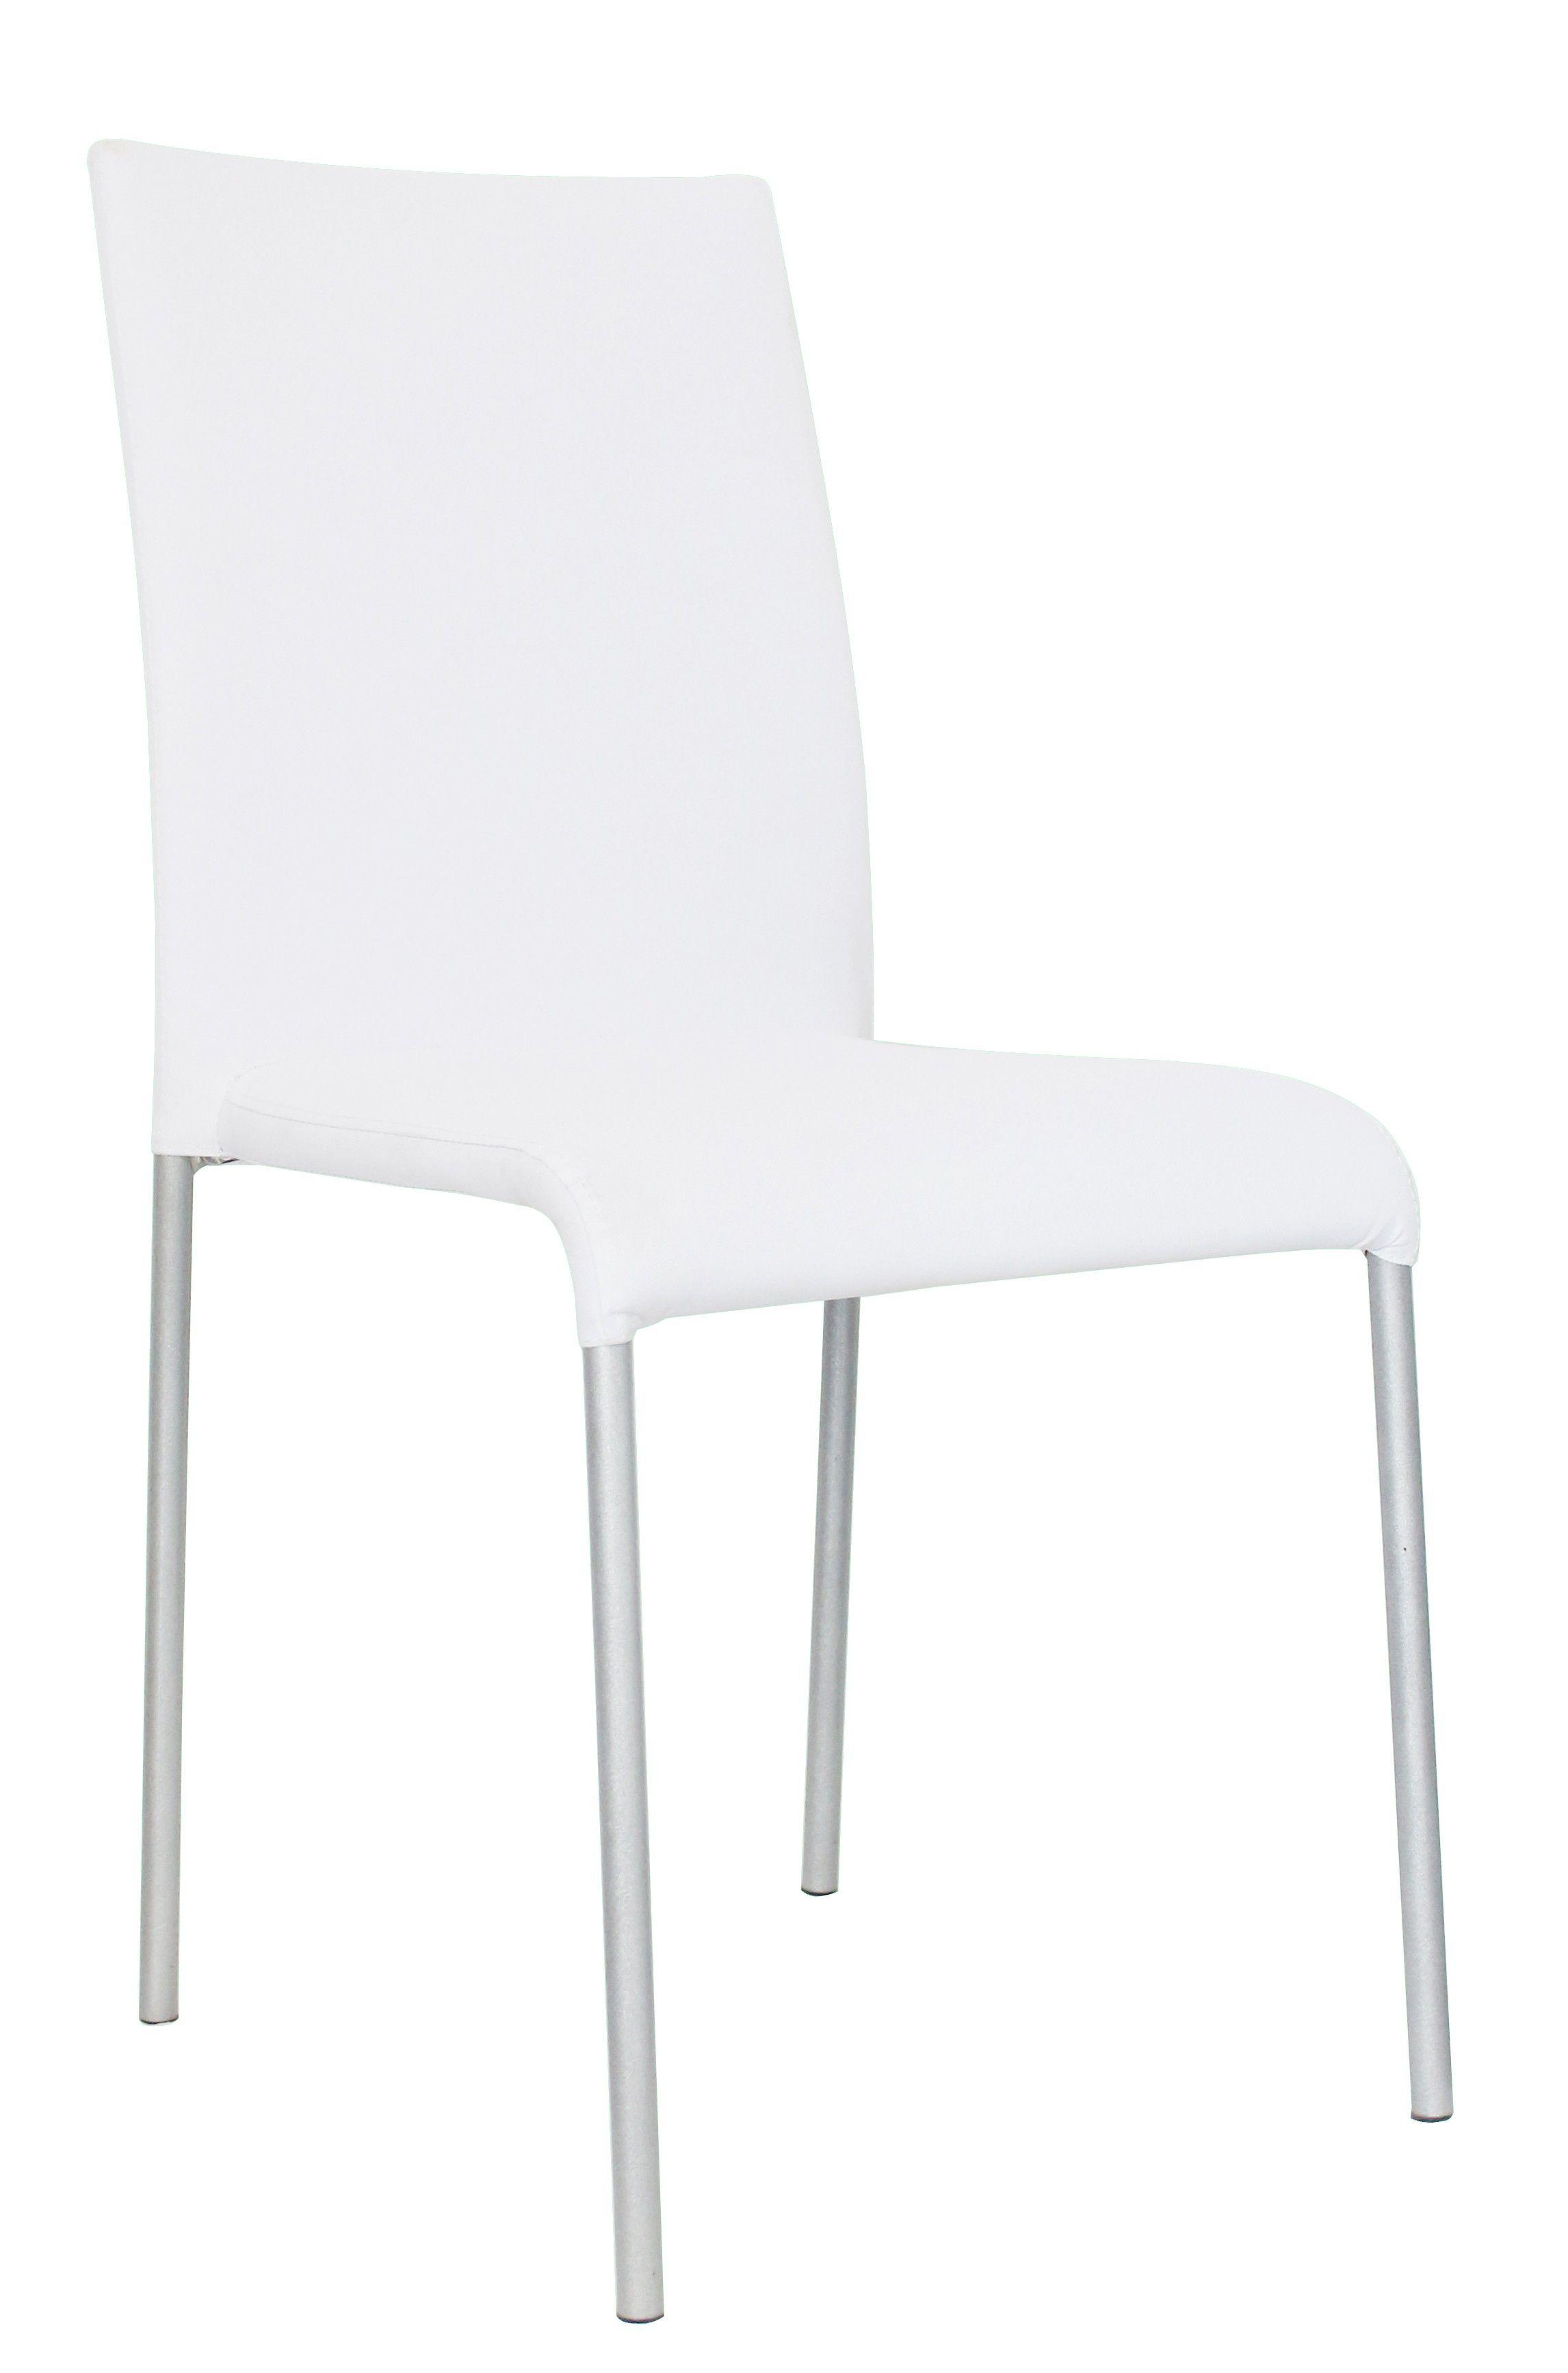 superbe les chaises en simili cuir coloris blanc confortable solide et lavable parfait dans une salle manger ou une cuisine la structure de la chaise - Chaise Cuir Blanc